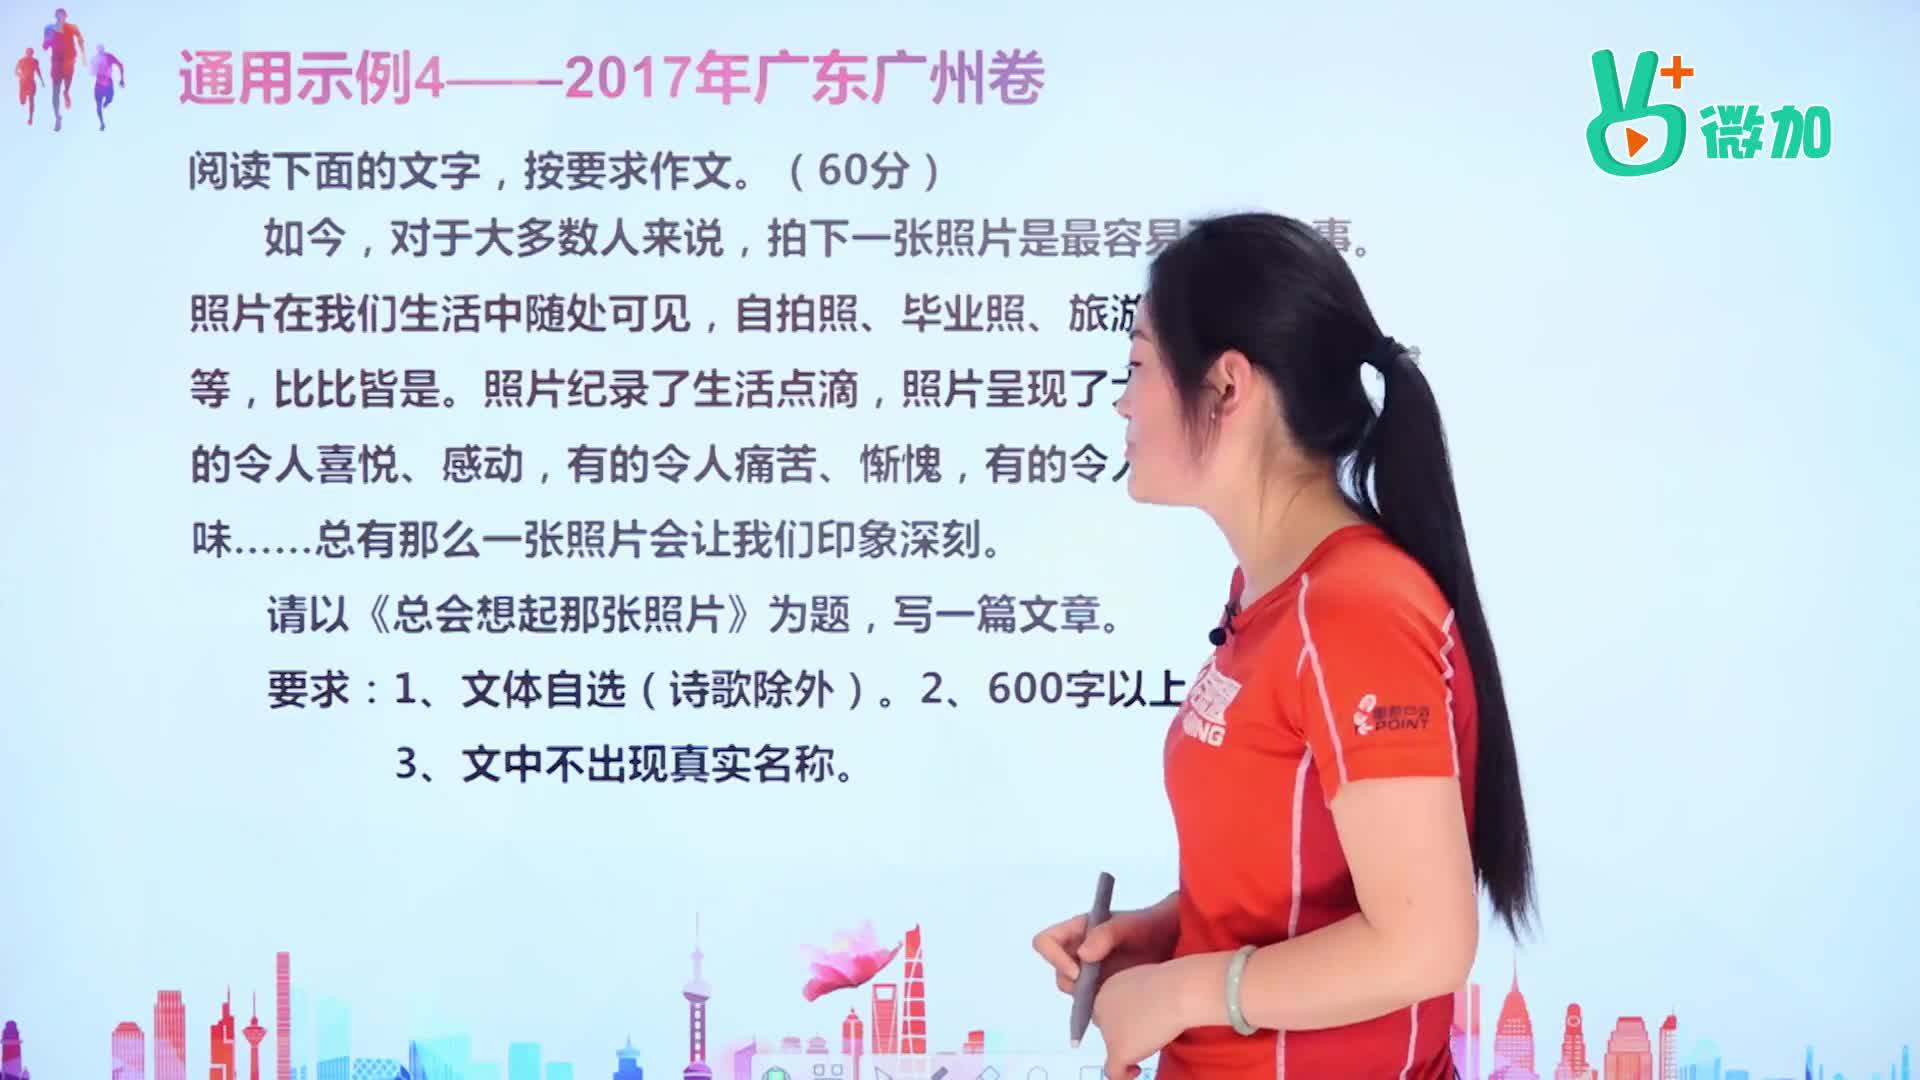 視頻16 從素材講作文之廣東廣州卷-【微加】大話語文系列從素材講作文微課